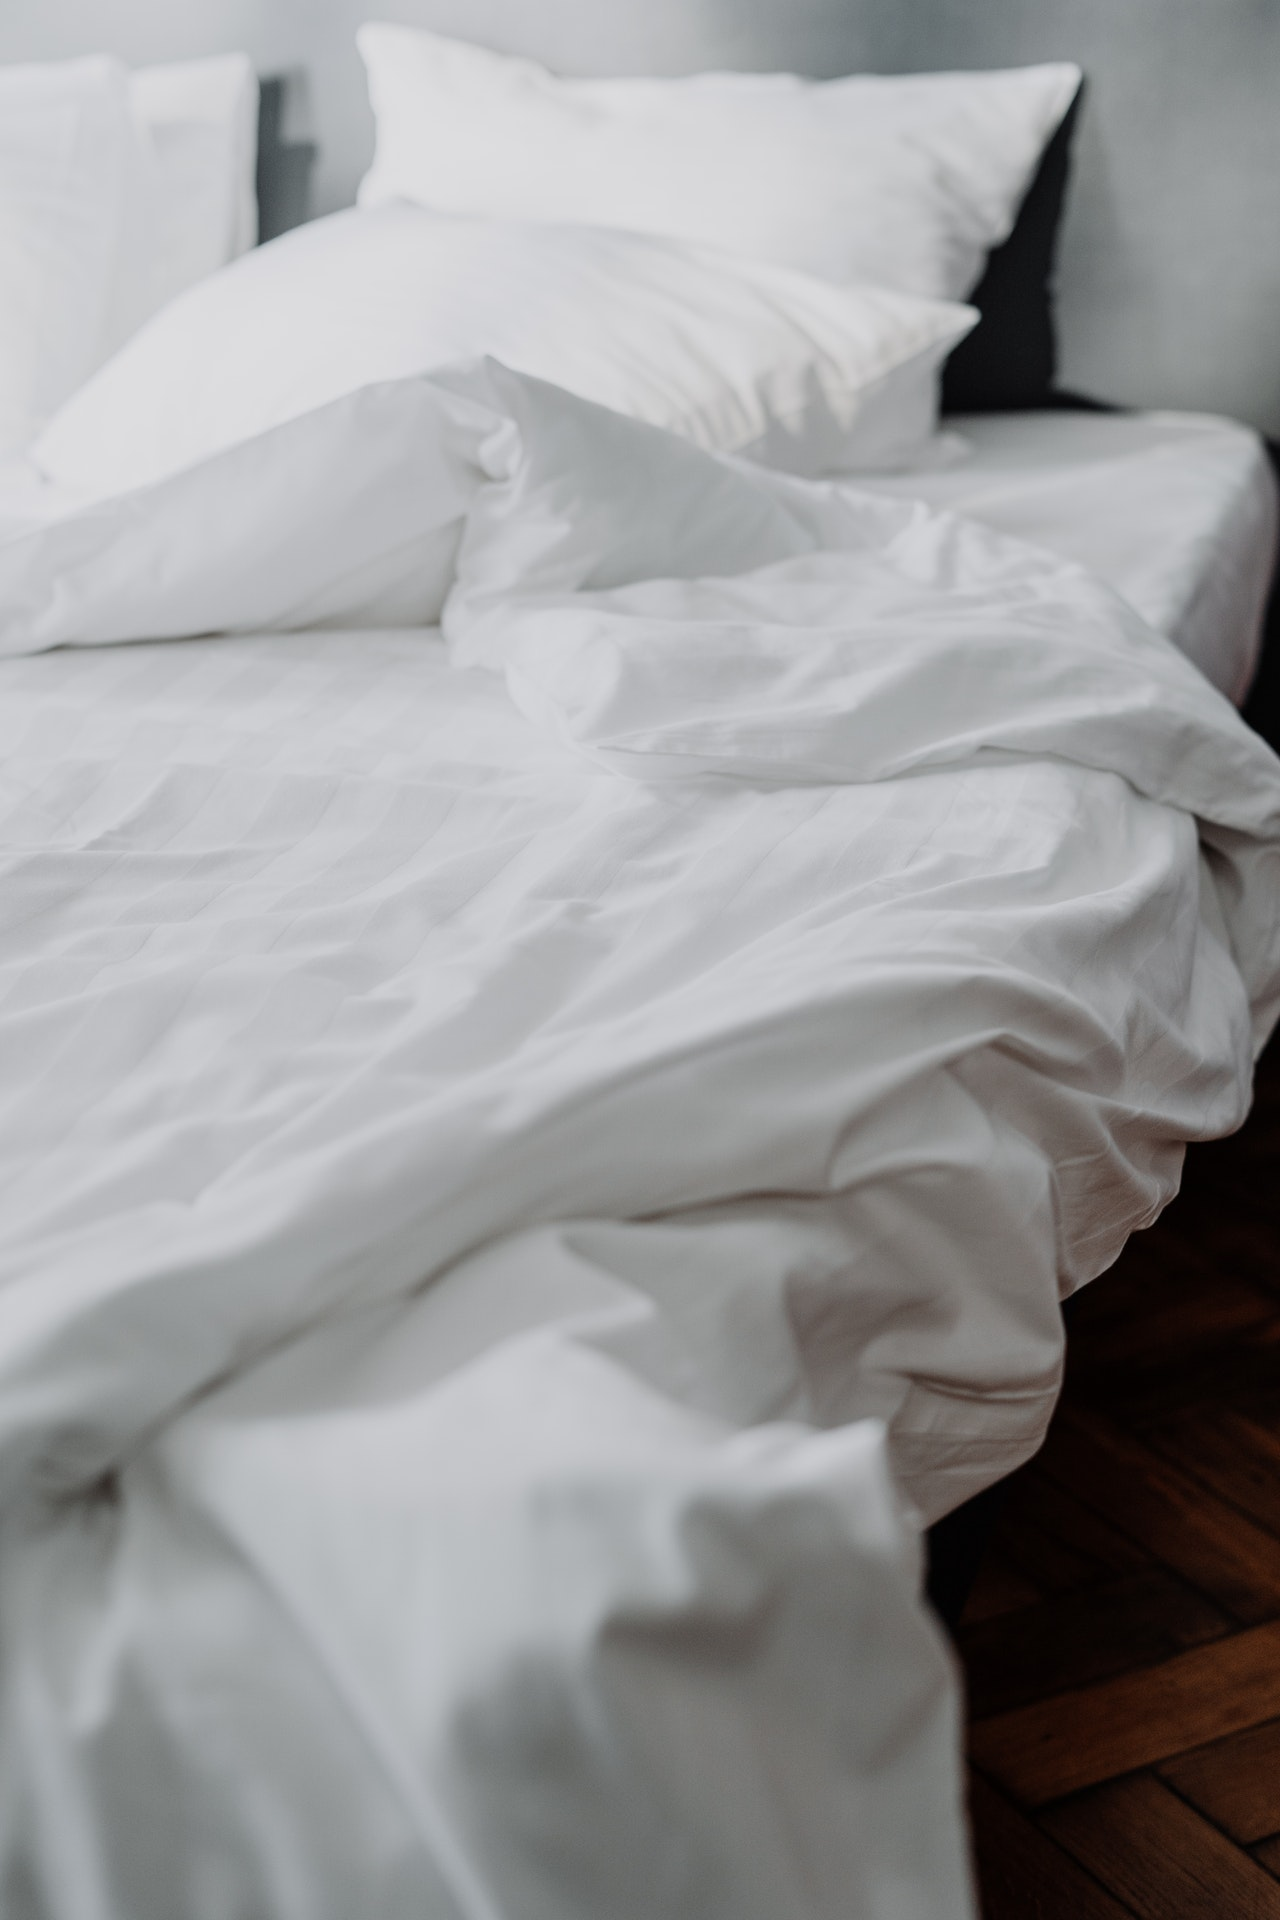 bed laken